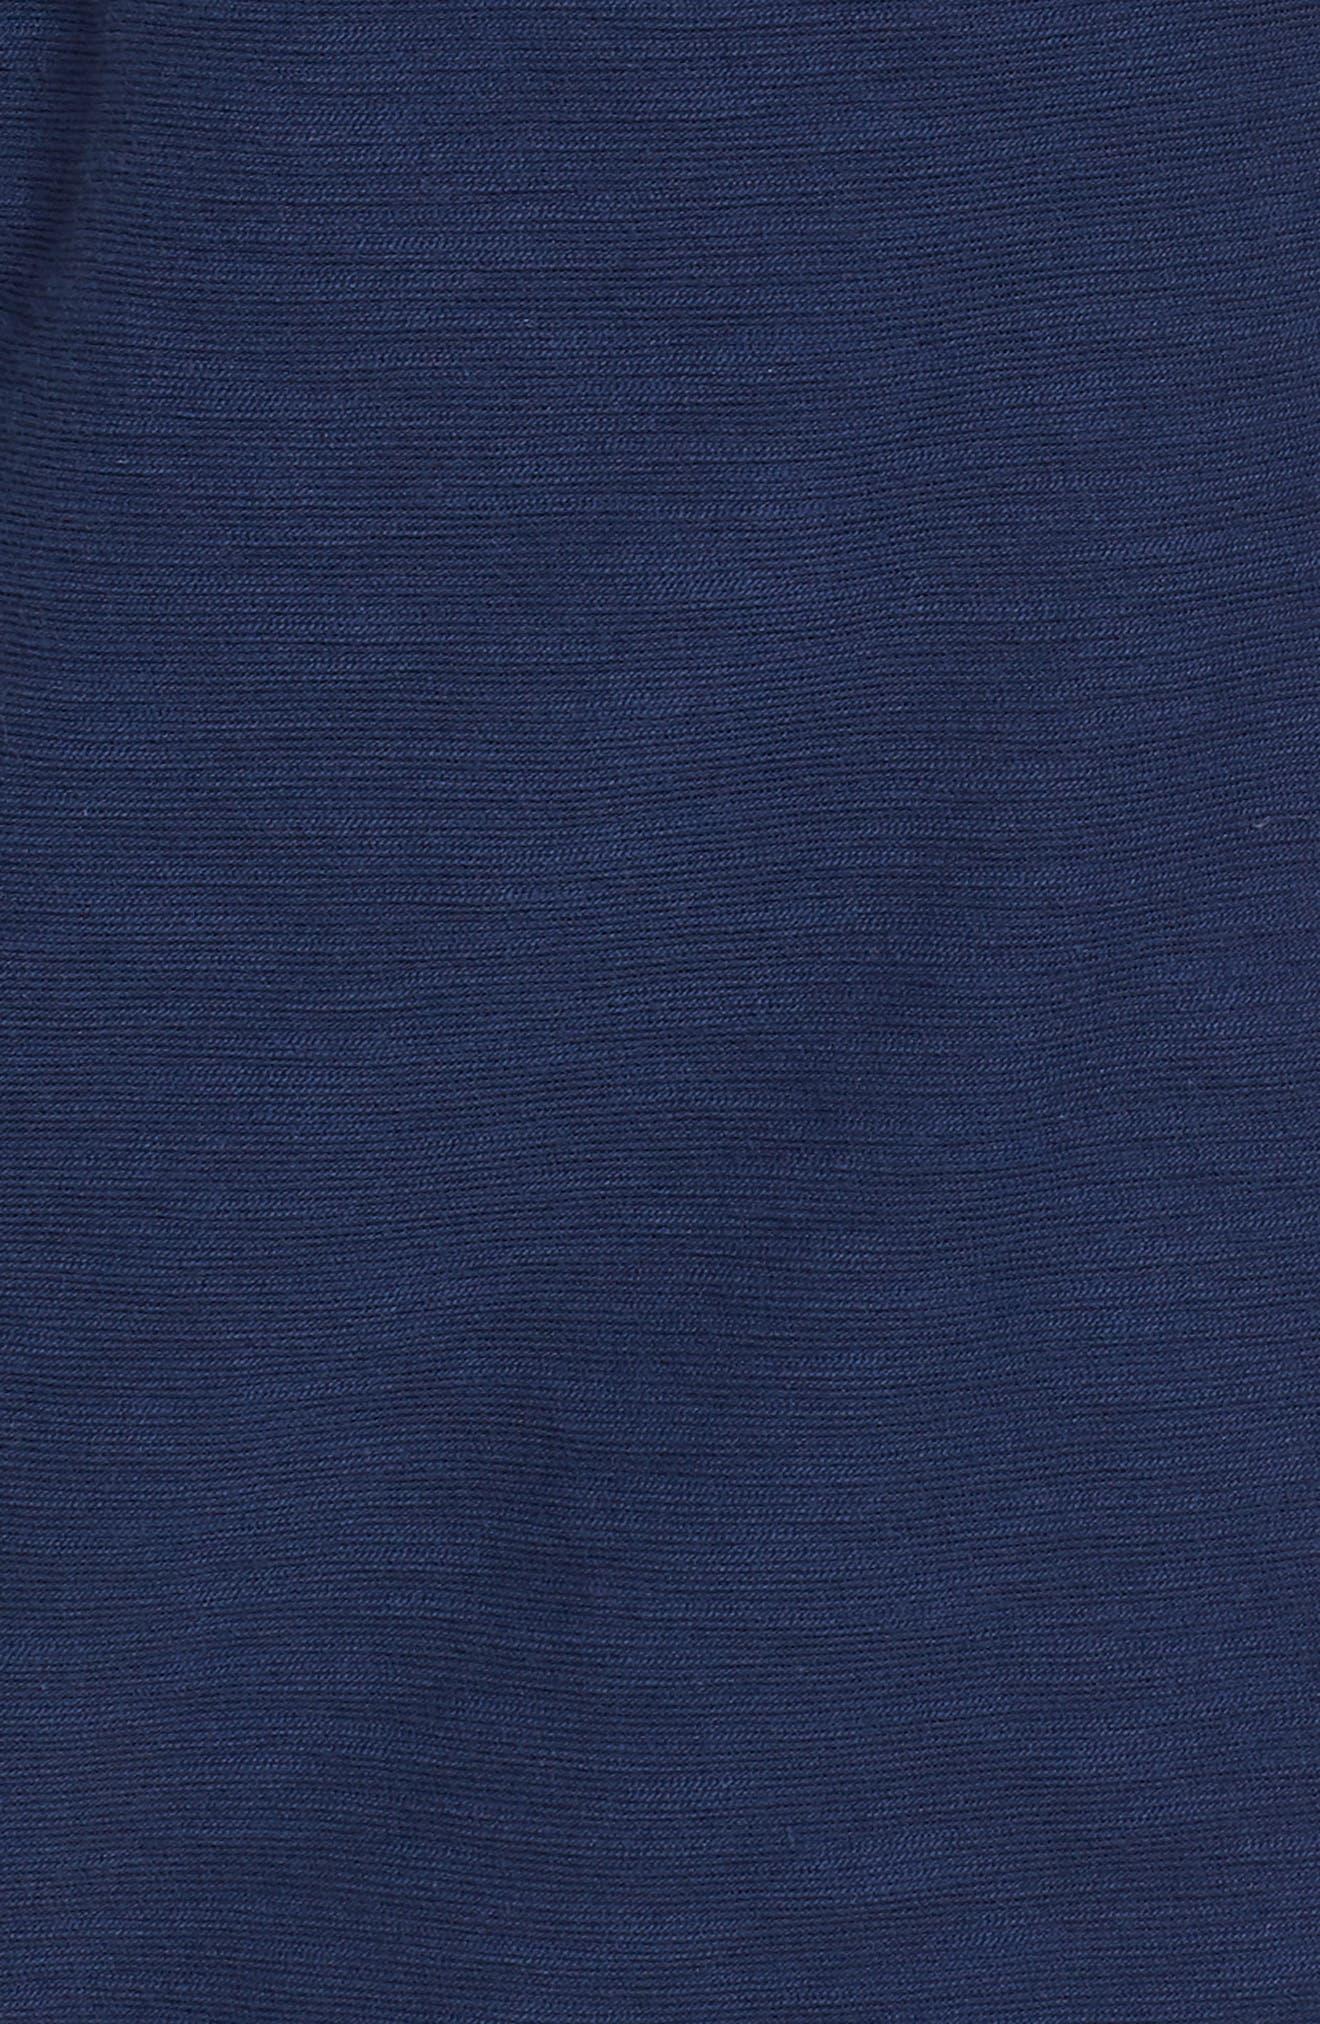 Waistband Stripe Pull On Skirt,                             Alternate thumbnail 5, color,                             476